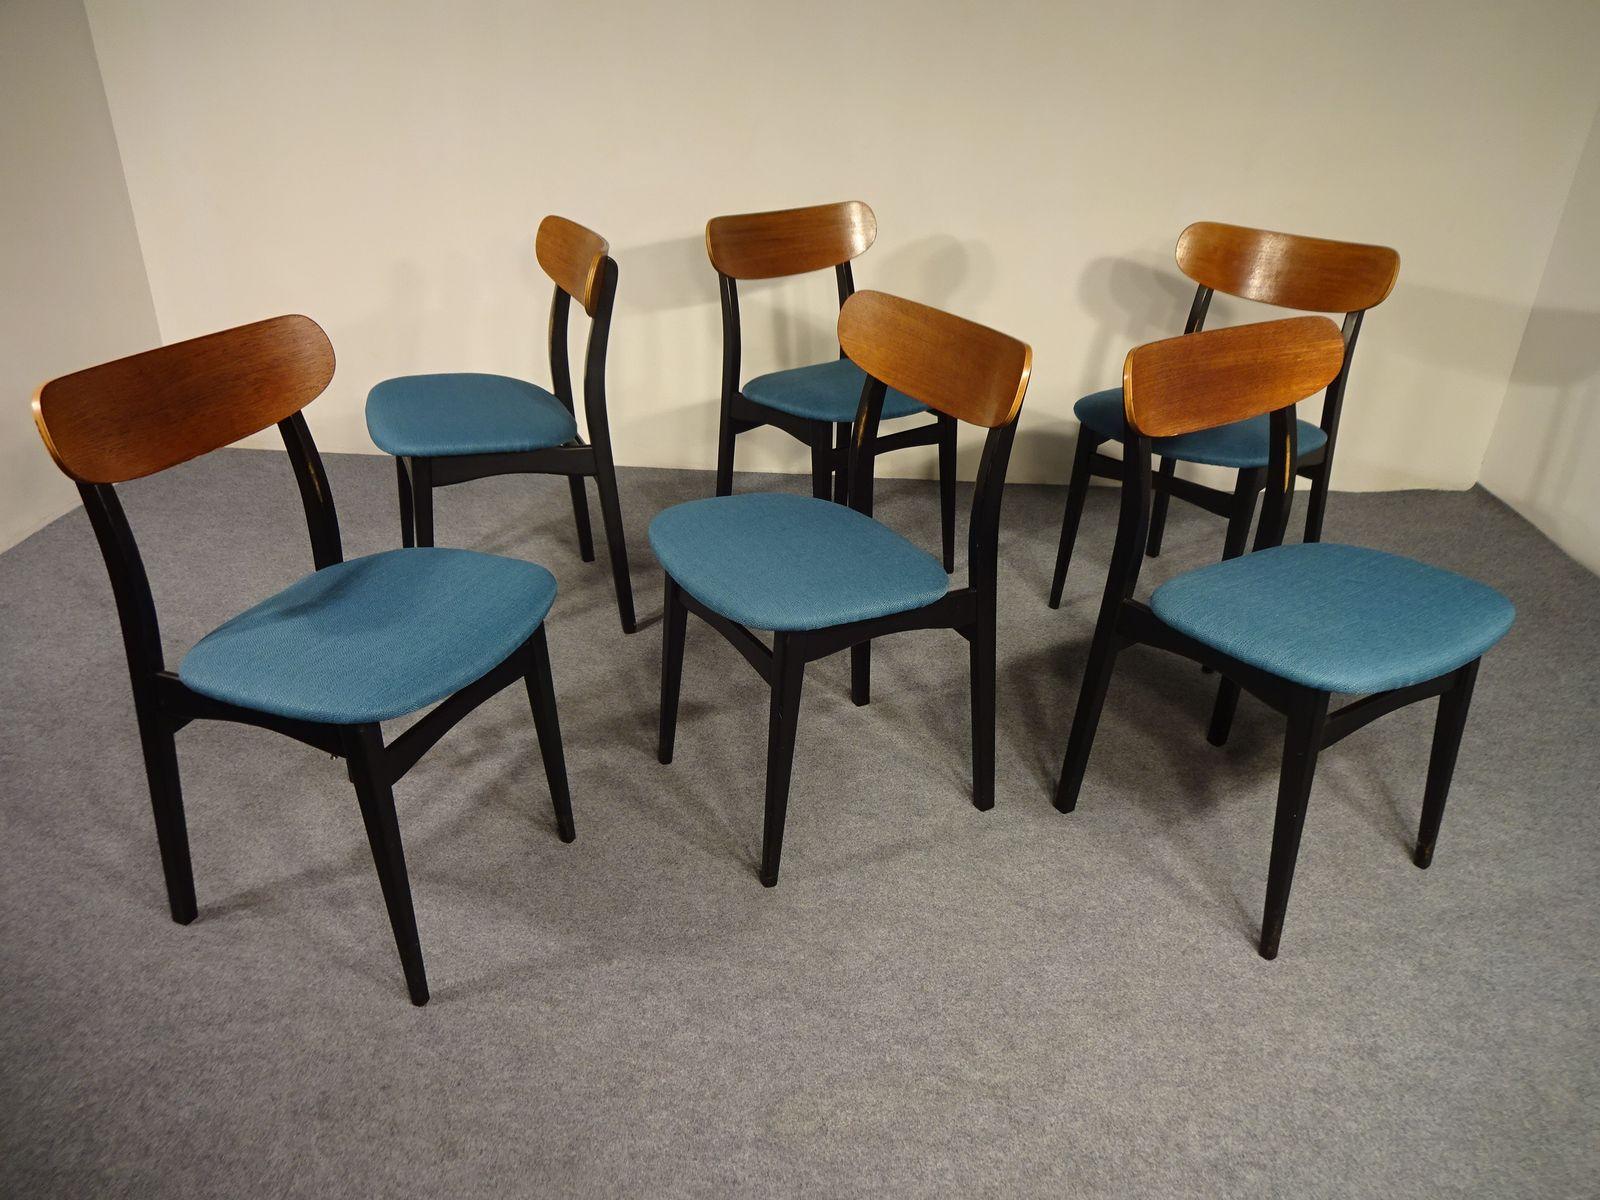 esszimmerst hle von asko 1960er 6er set bei pamono kaufen. Black Bedroom Furniture Sets. Home Design Ideas